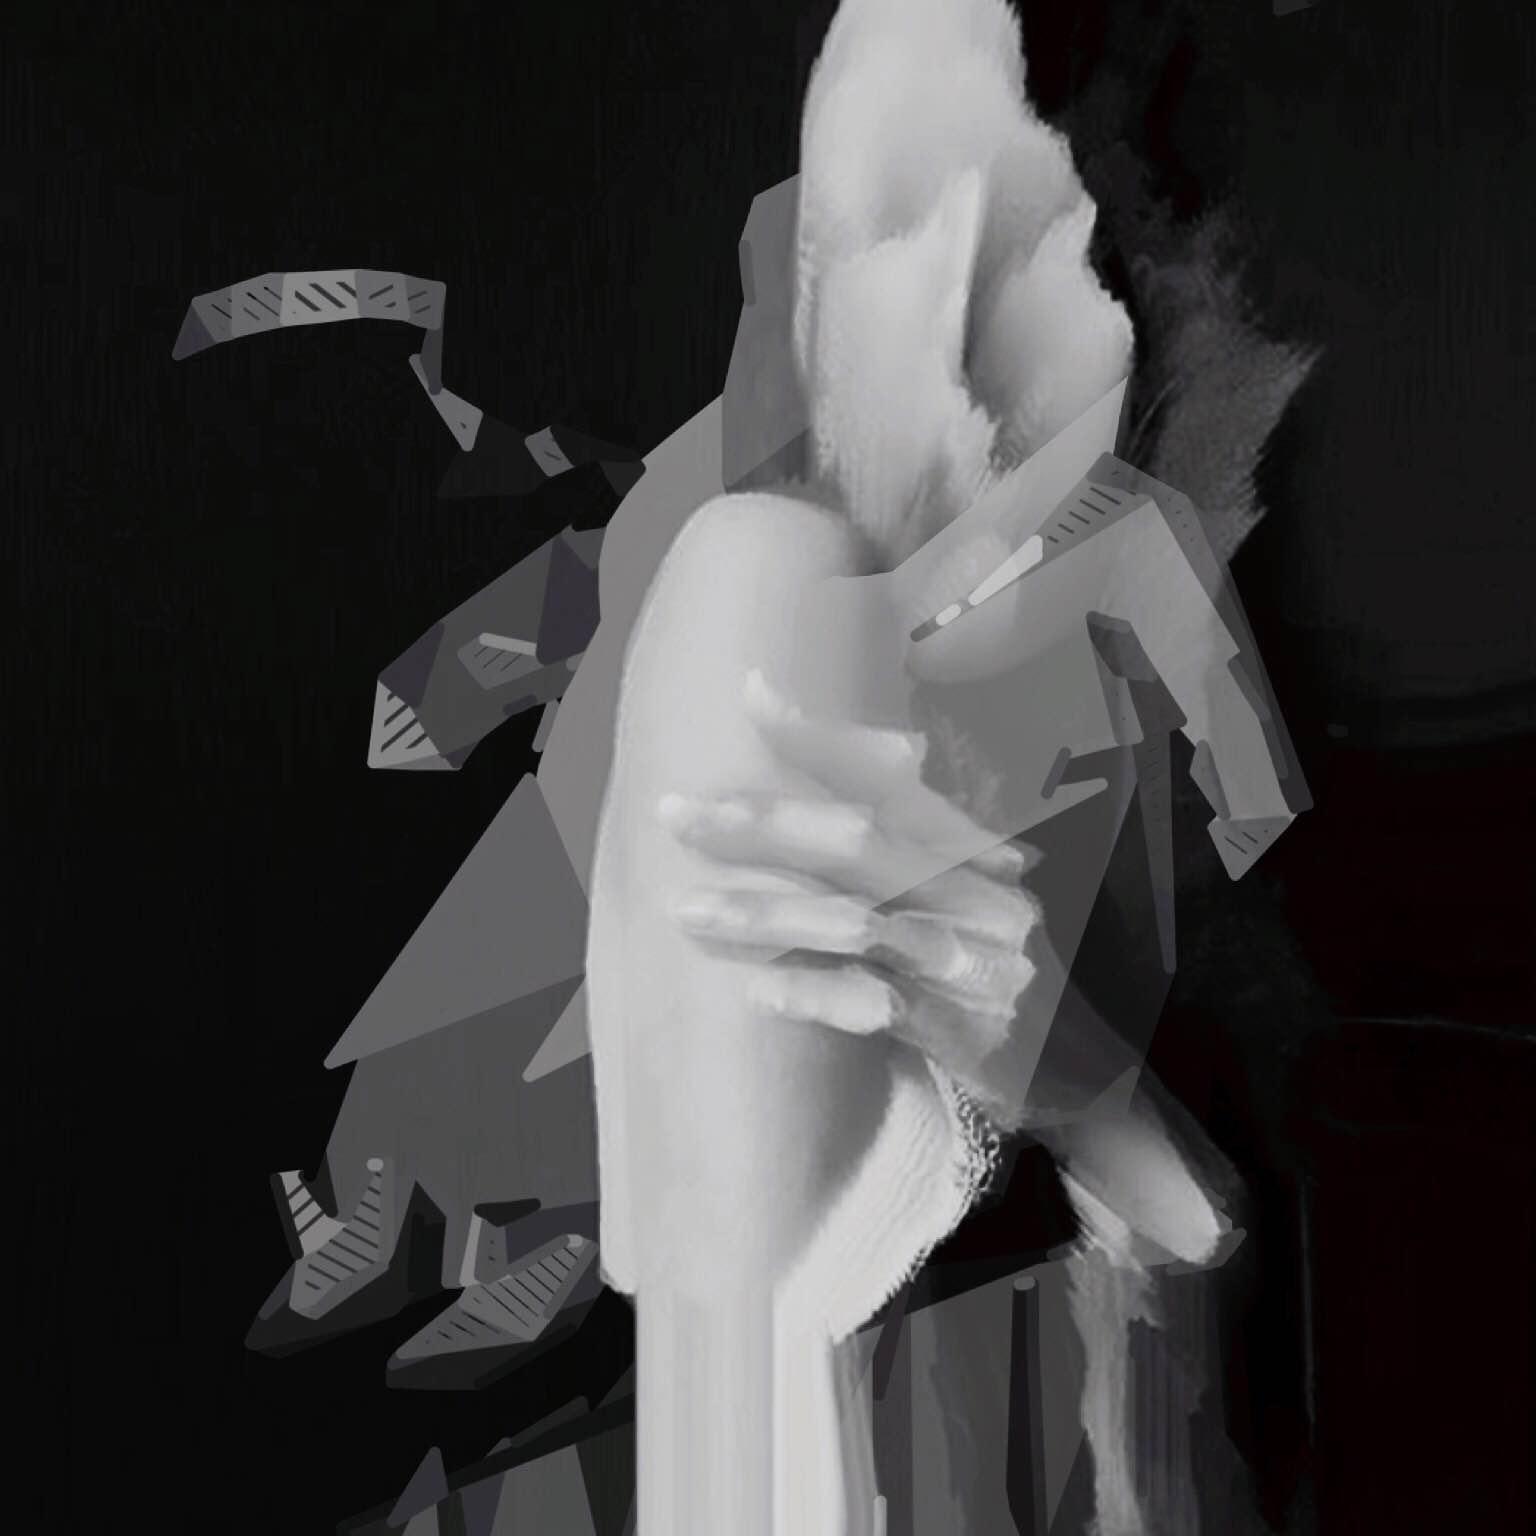 Meri Walker ~ I've Got Scars That Can't Be Seen